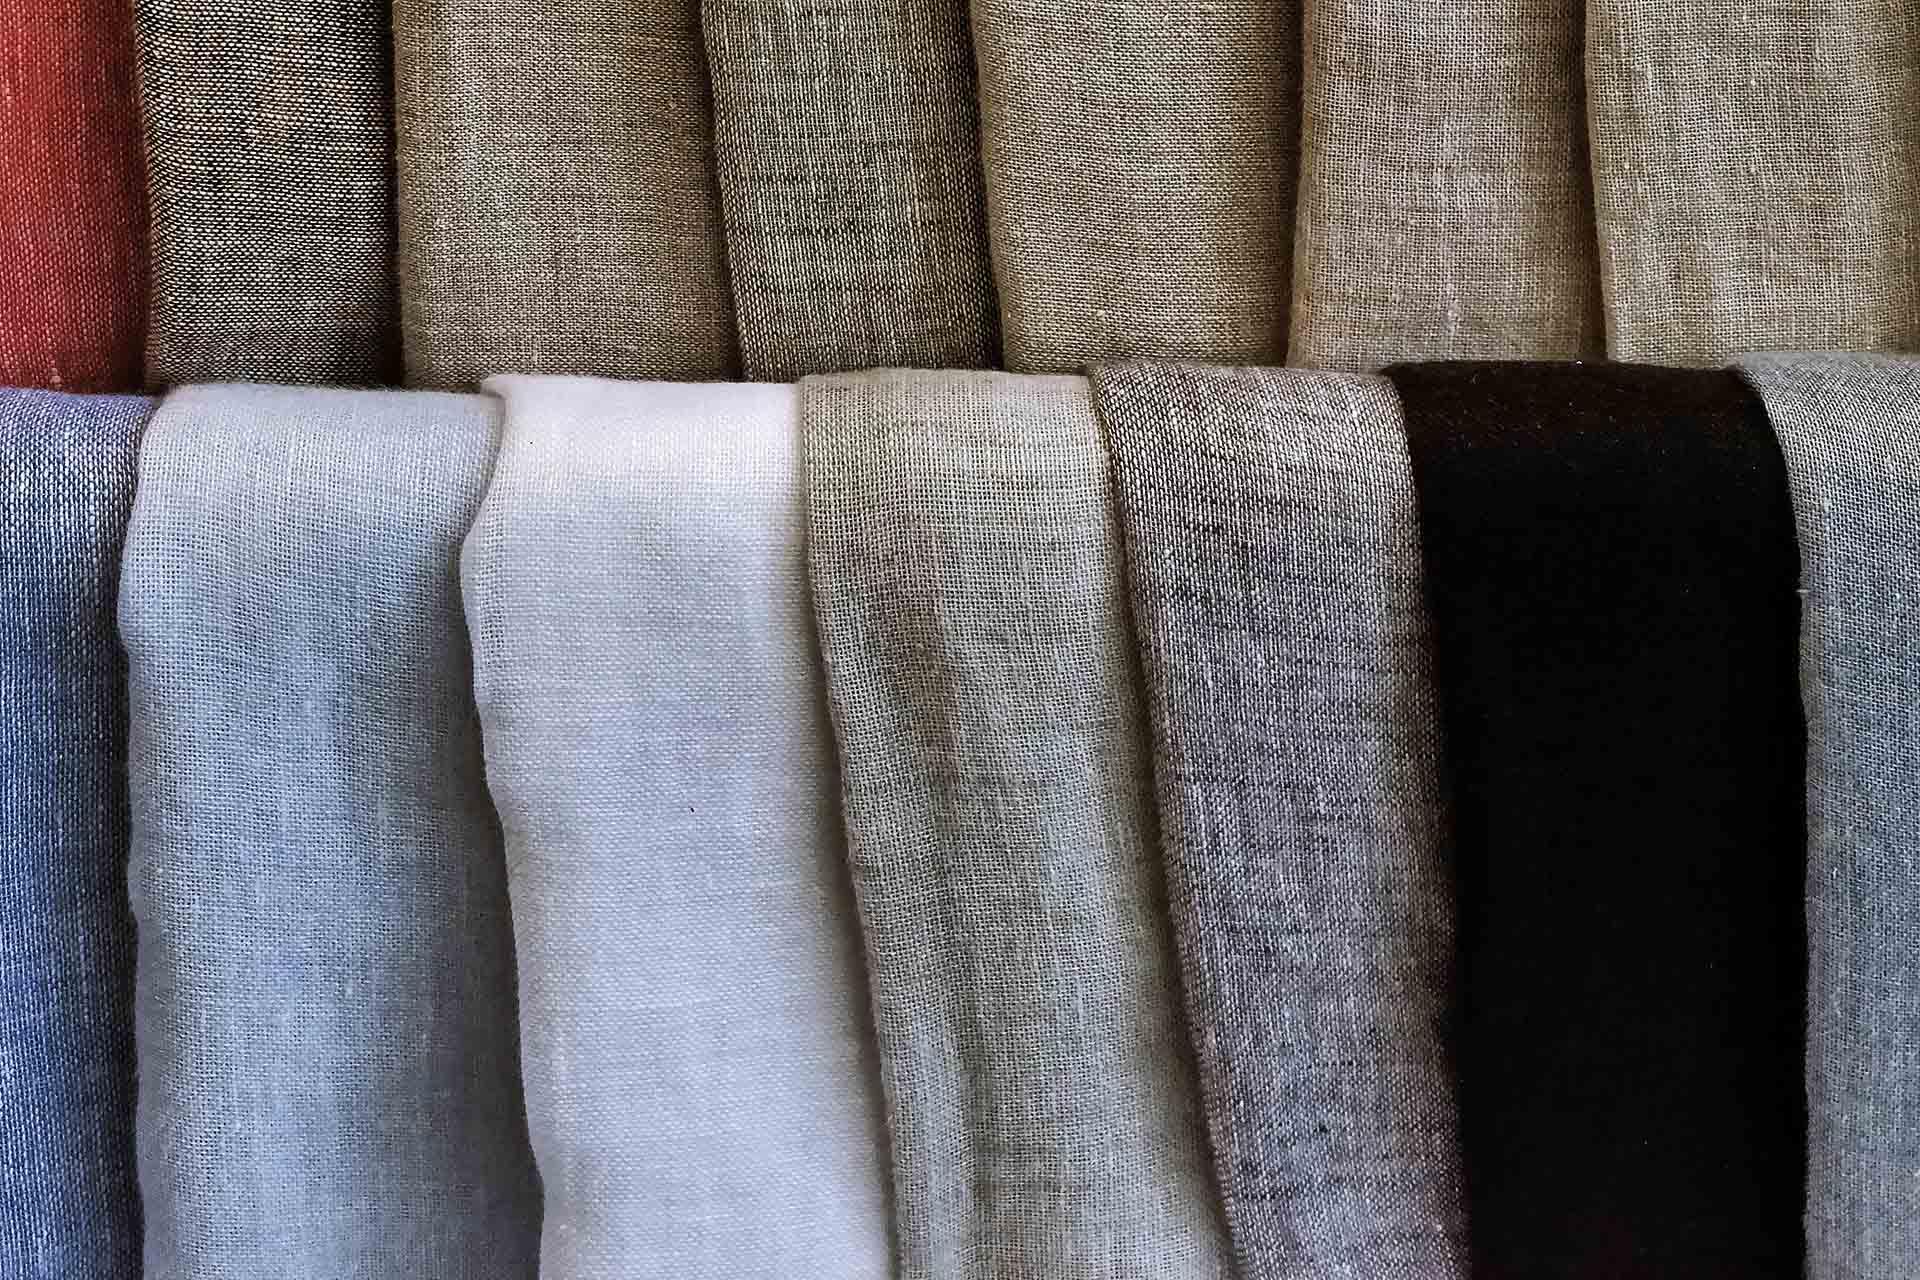 Poszukiwani dostawcy tekstyliów